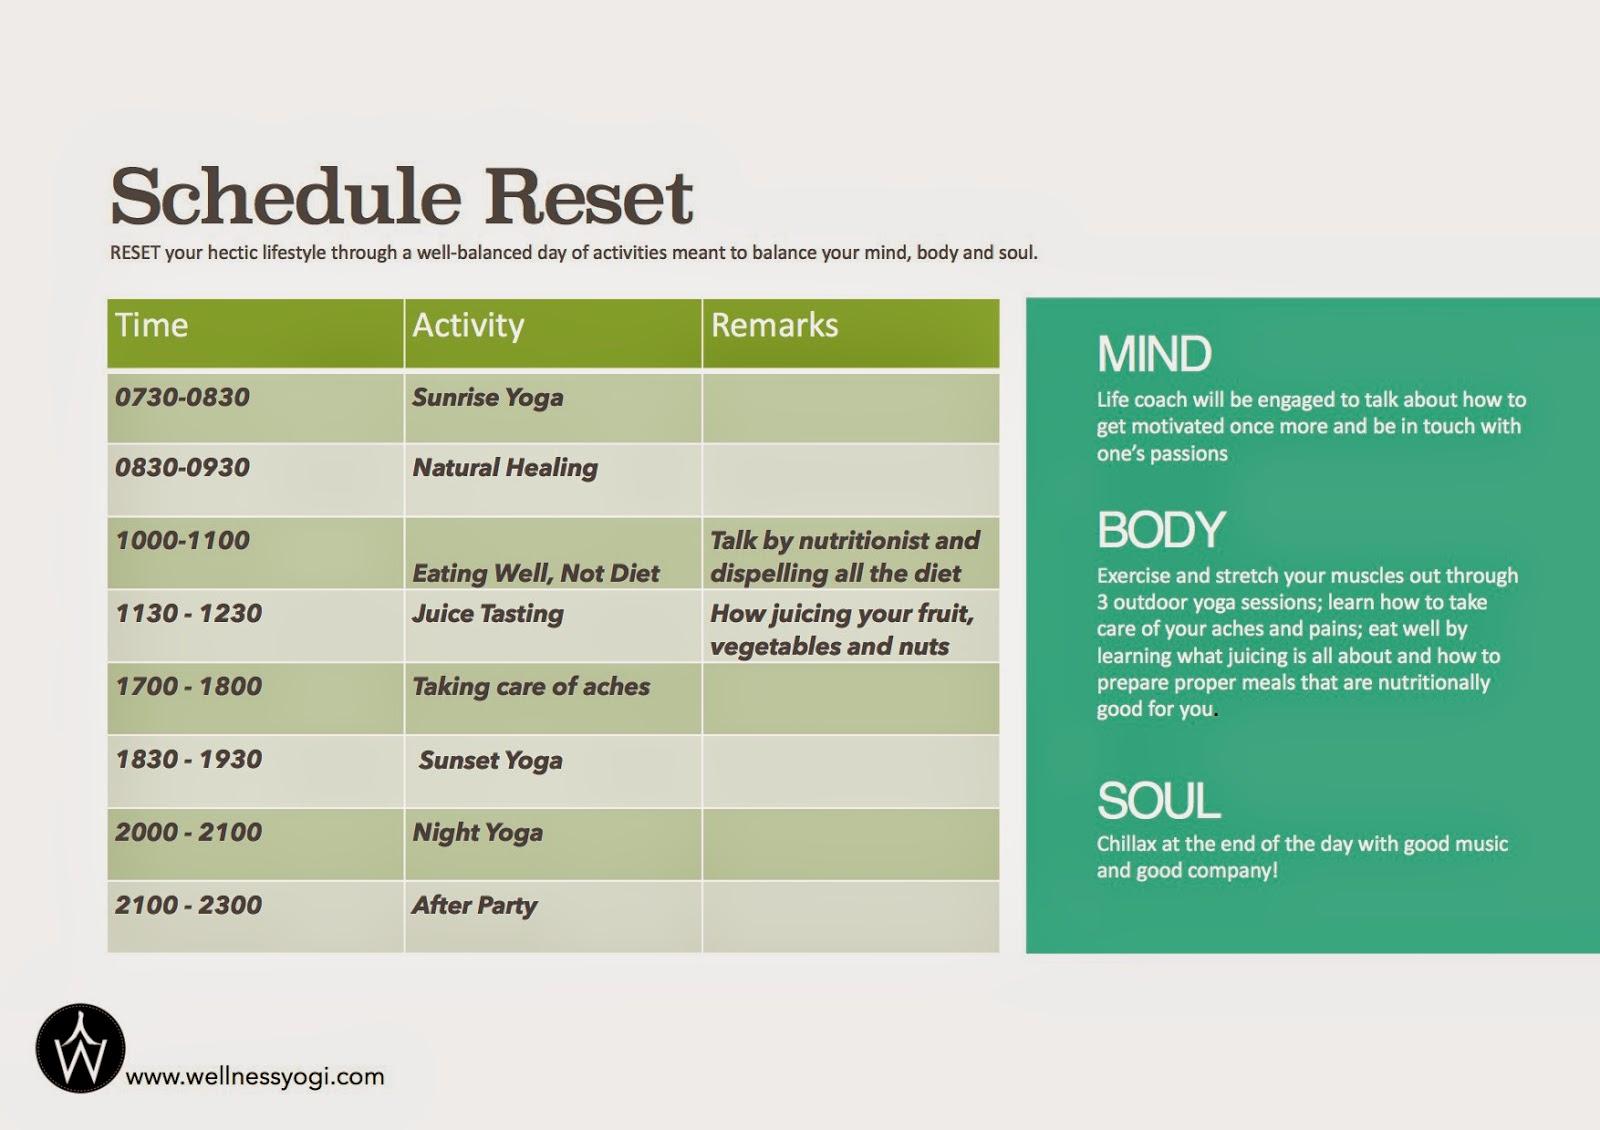 http://www.eventbrite.com/e/wellnessyogi-reset-tickets-16369626995?aff=melfann